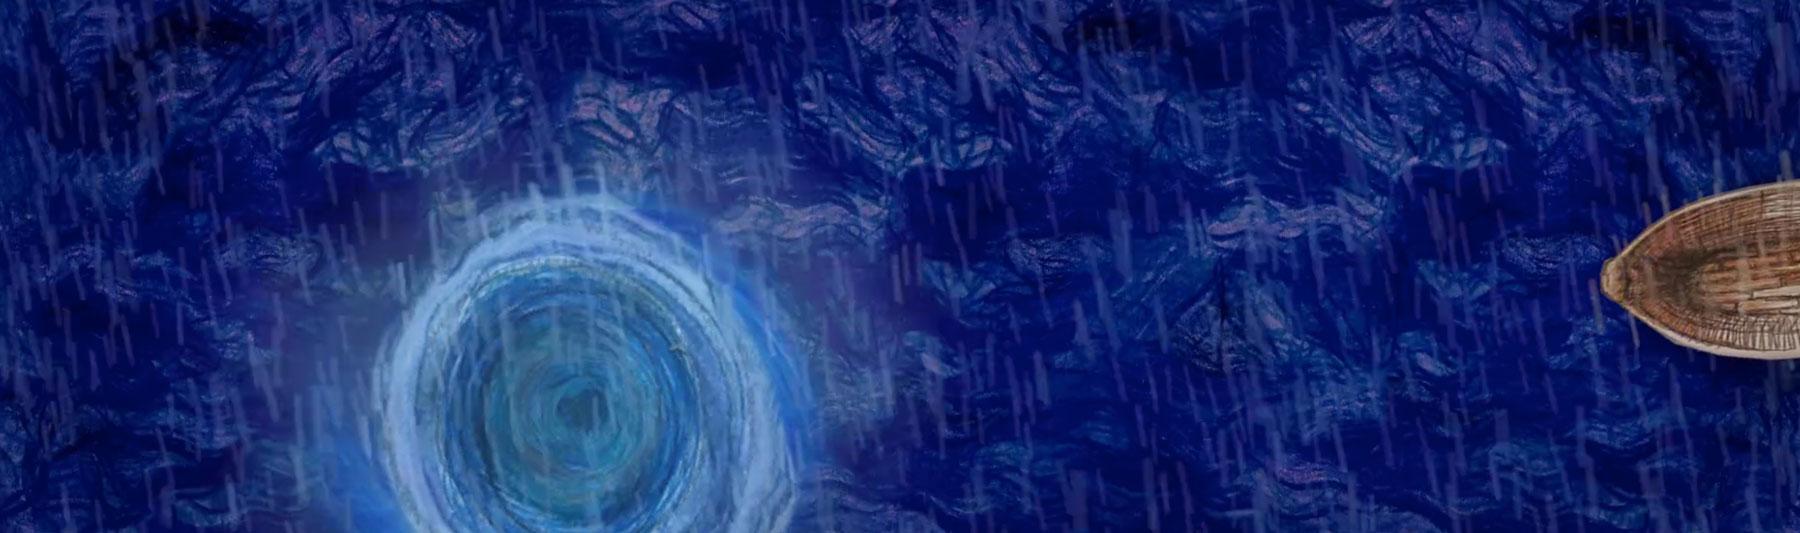 Der Sturm | Die Schöpfung | Oratorium von Joseph Haydn